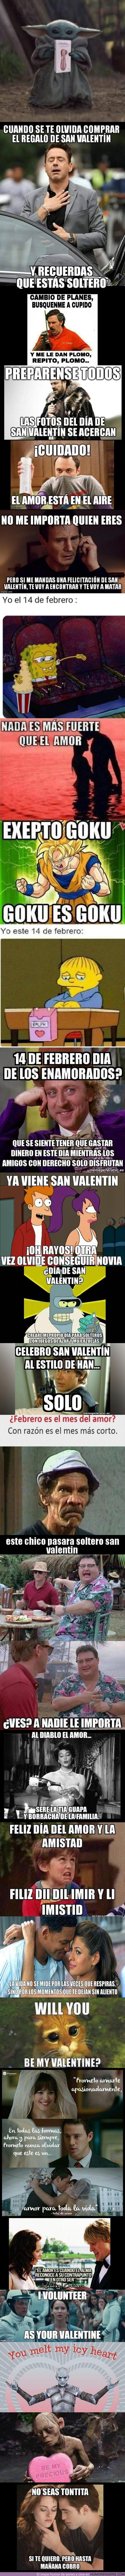 47454 - San Valentin: Aquí tienes los mejores memes de pelis y series para mandar a tu crush